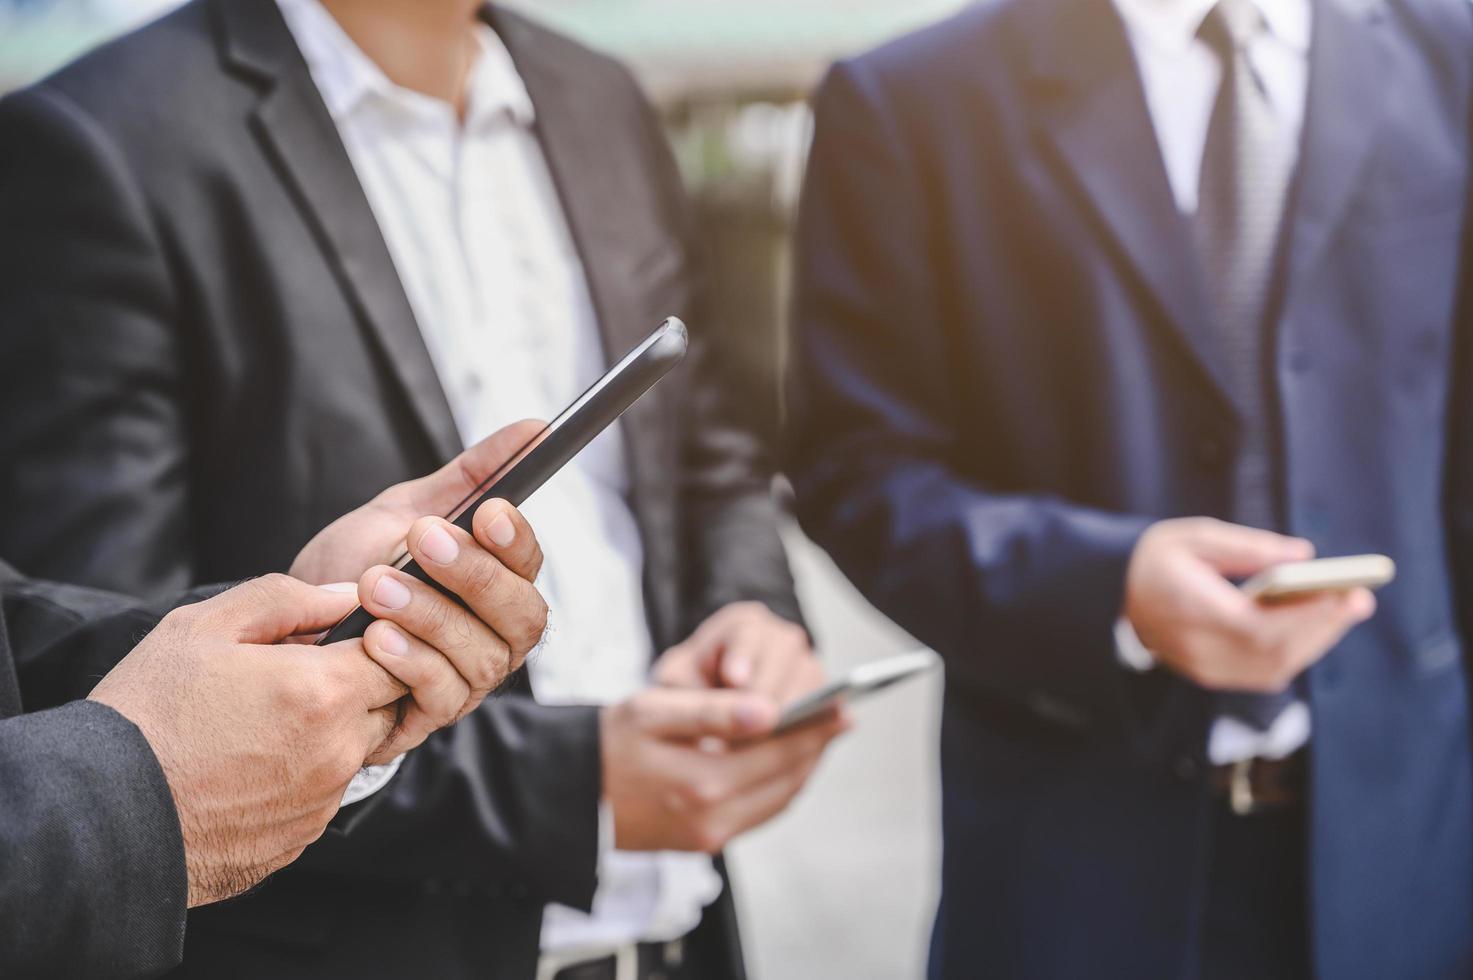 Gruppe von Geschäftsleuten mit Smartphones foto